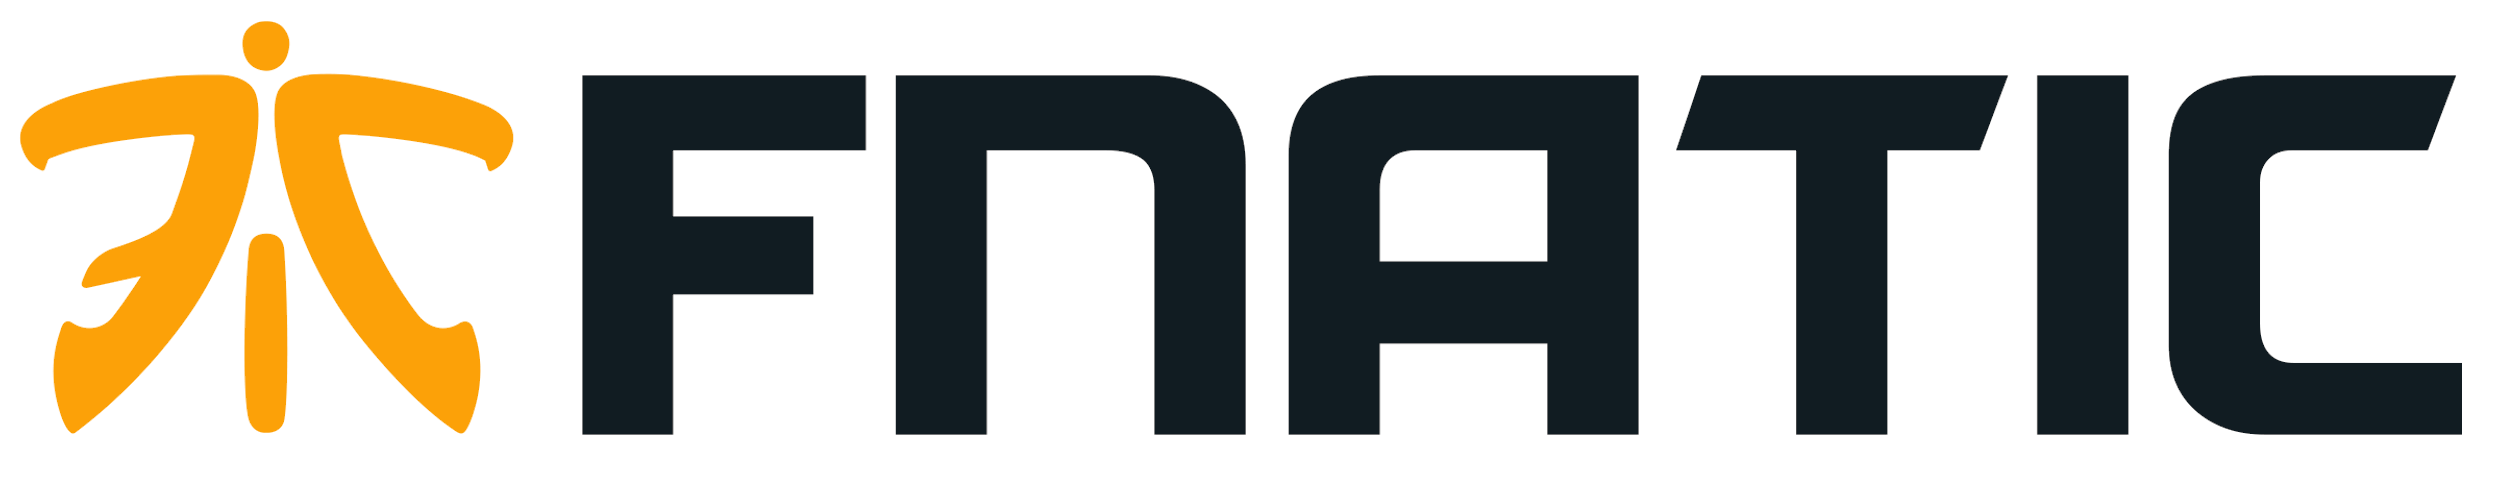 Fnatic – Logos Download